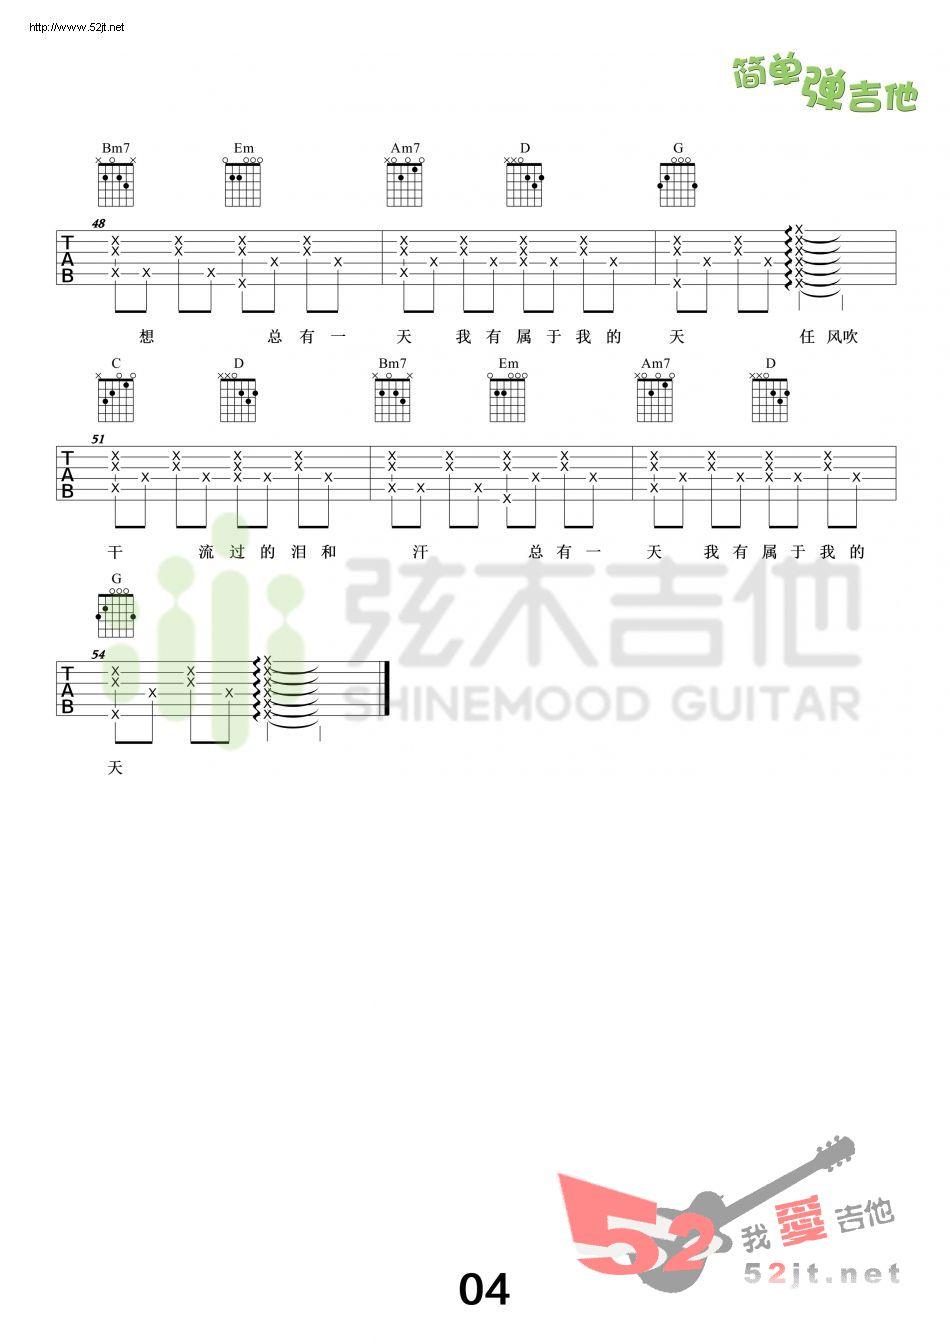 蜗牛 弦木吉他简单弹吉他吉他谱视频的吉他谱 周杰伦图片